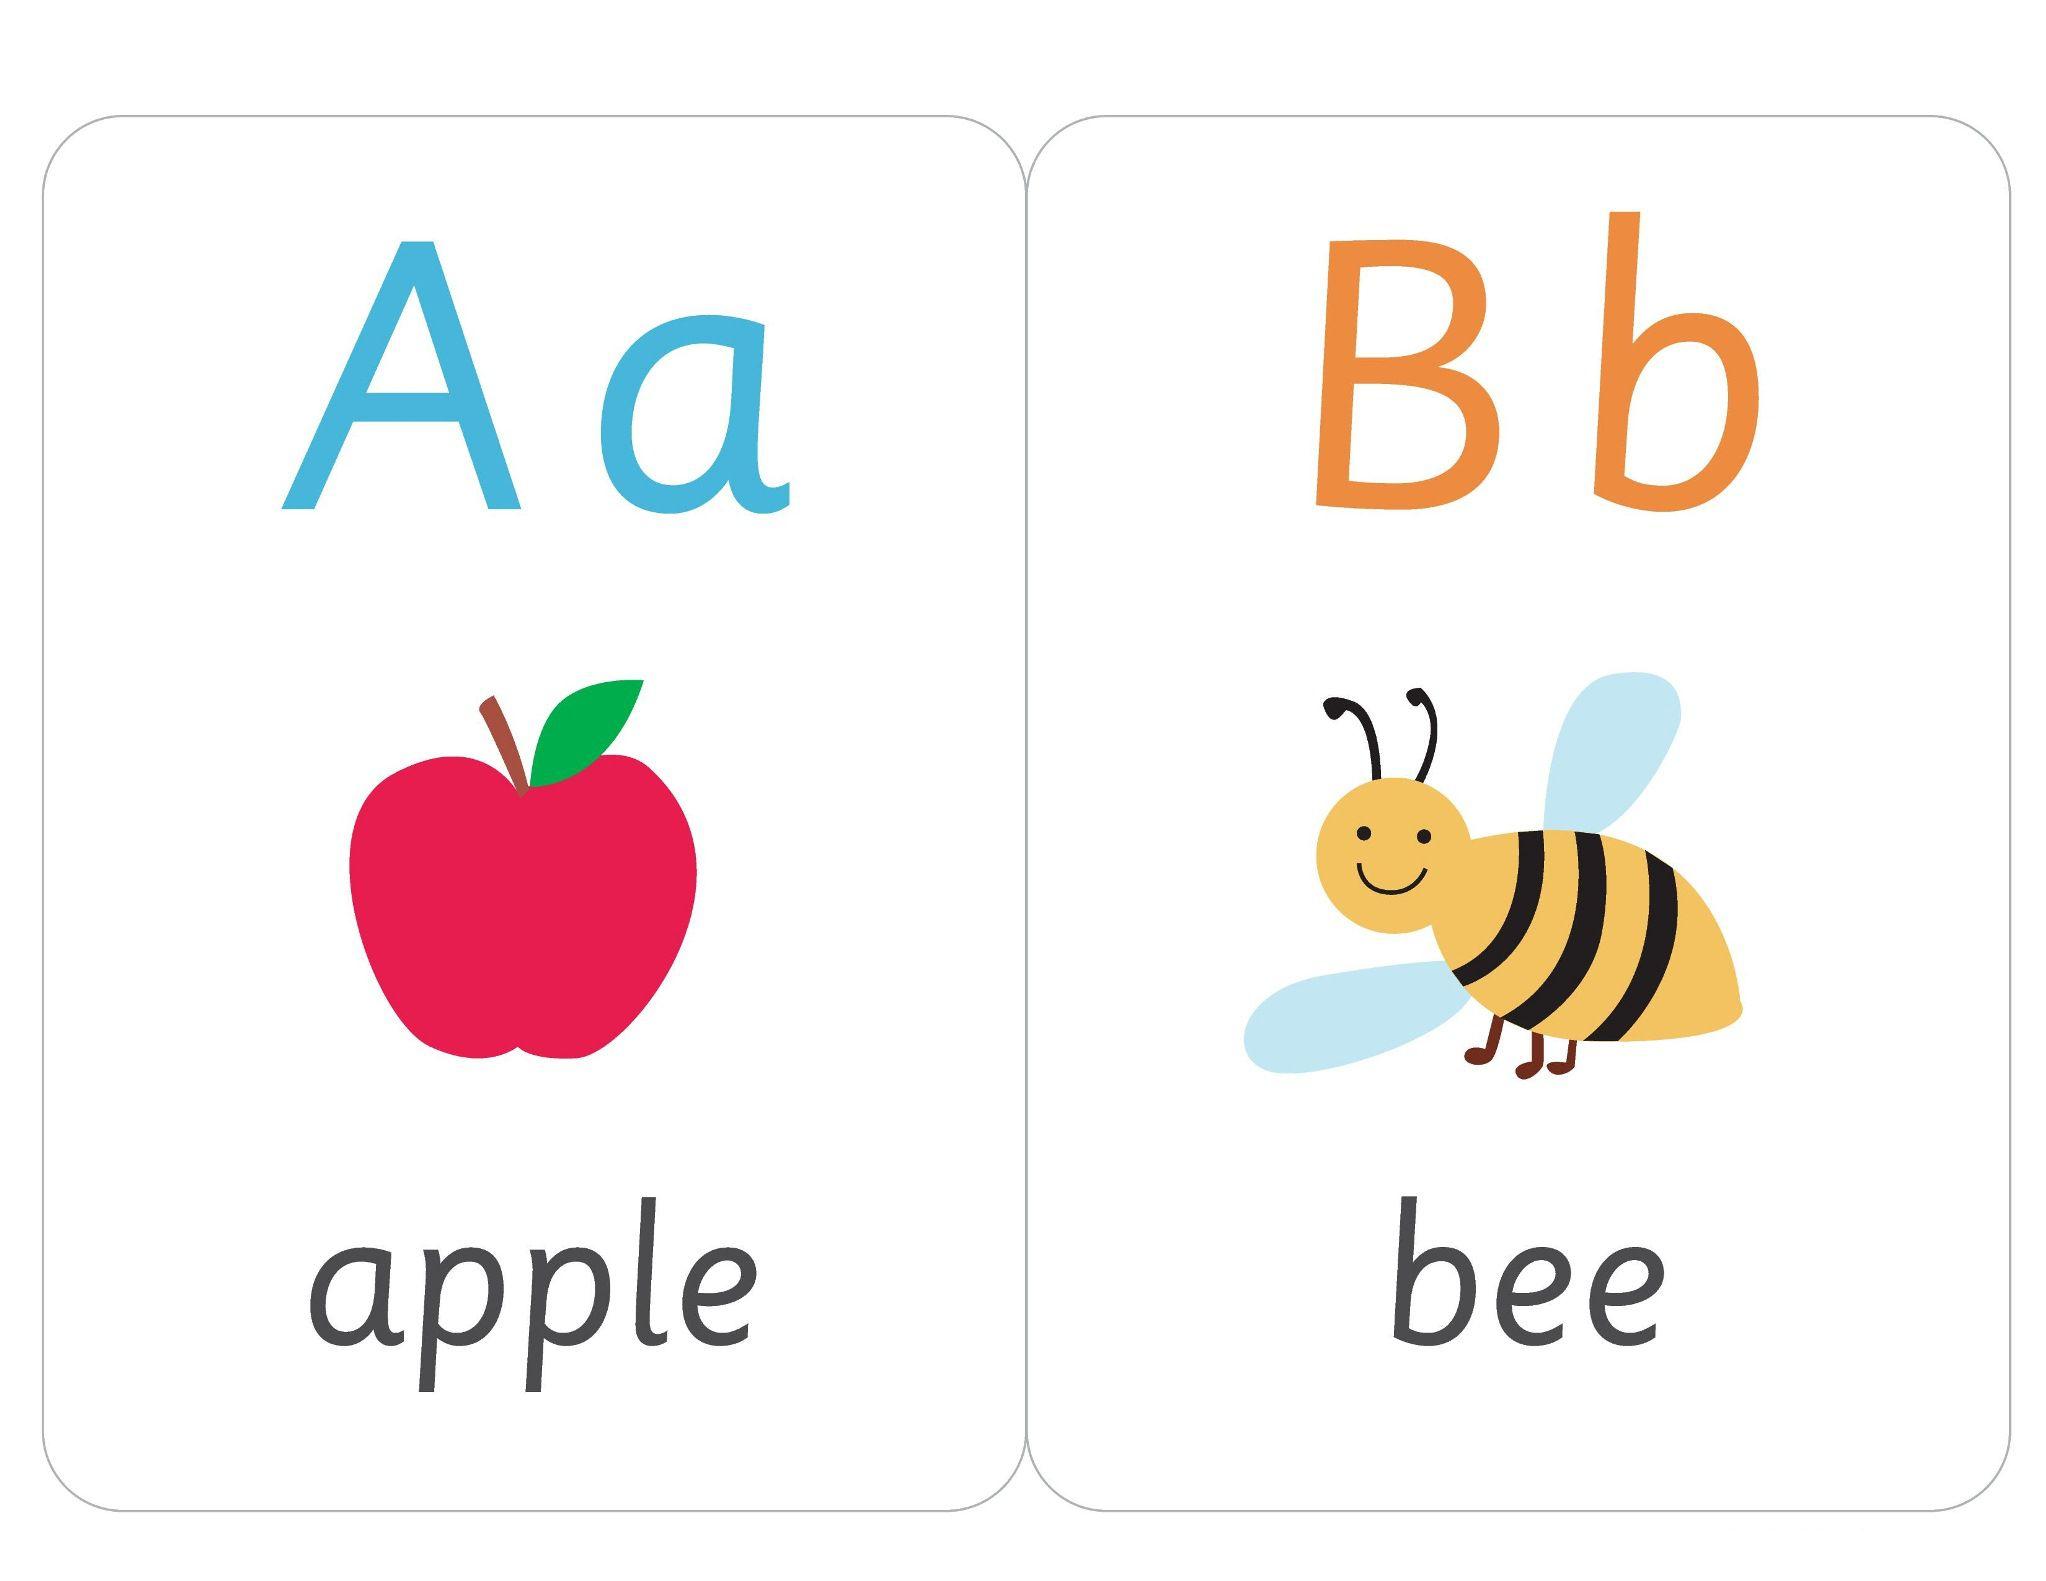 Английские буквы для детей - от A до Z - Поделки своими руками 16